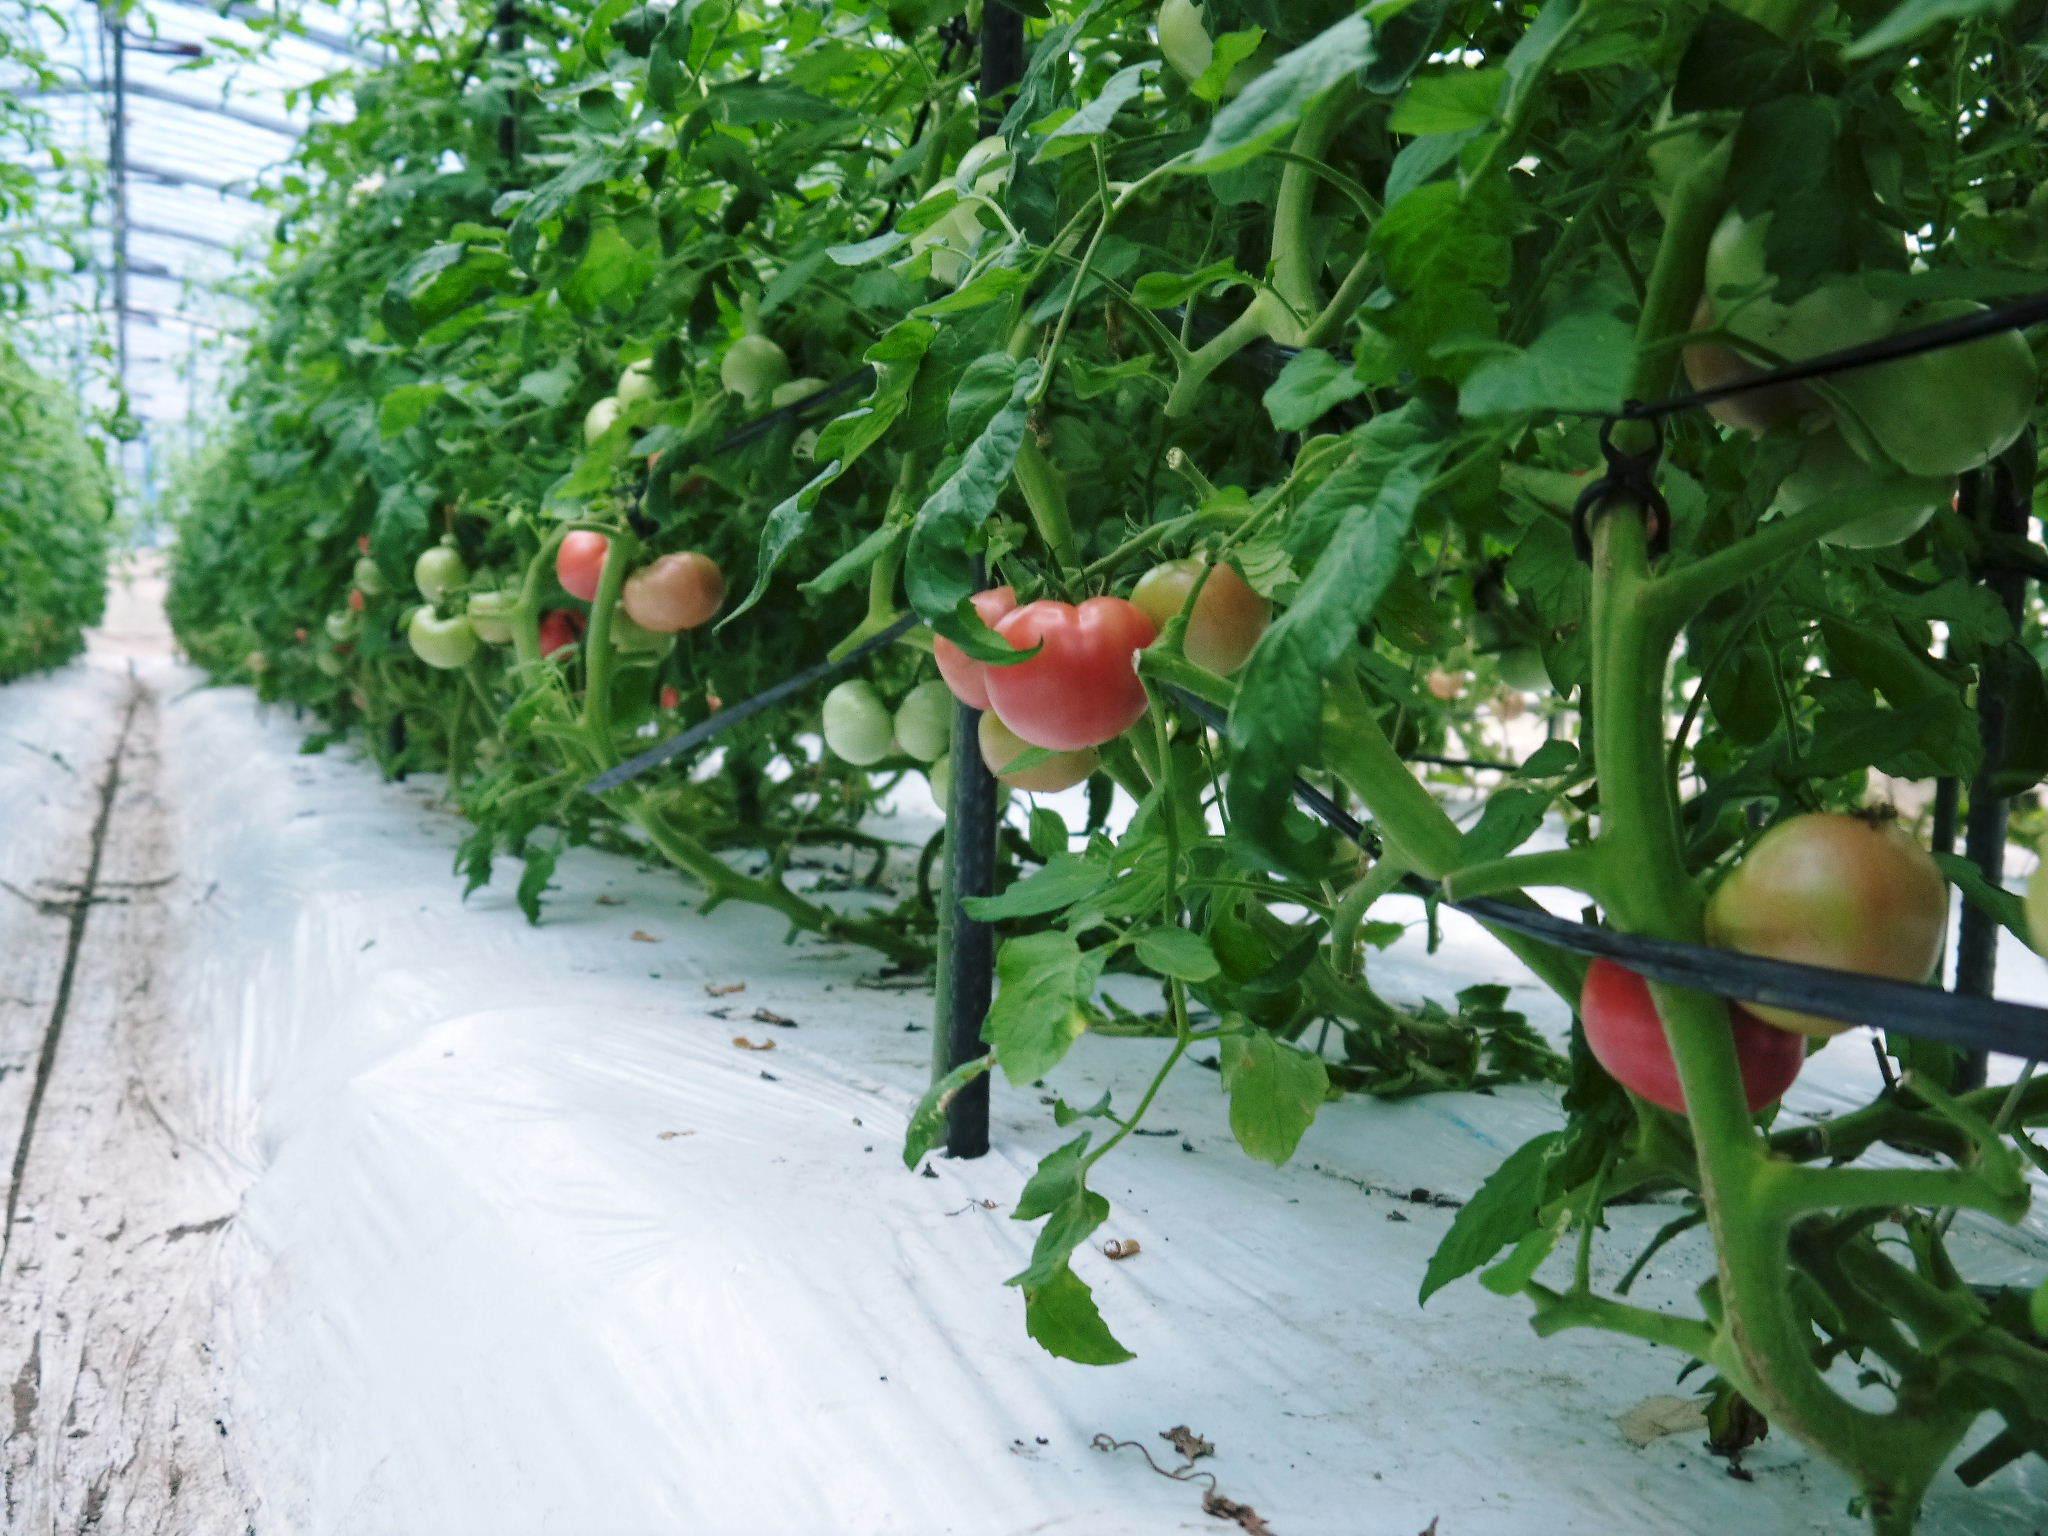 樹上完熟の朝採りトマト 最旬食材!大好評販売中!朝採り収穫の様子を現地取材!_a0254656_19033219.jpg